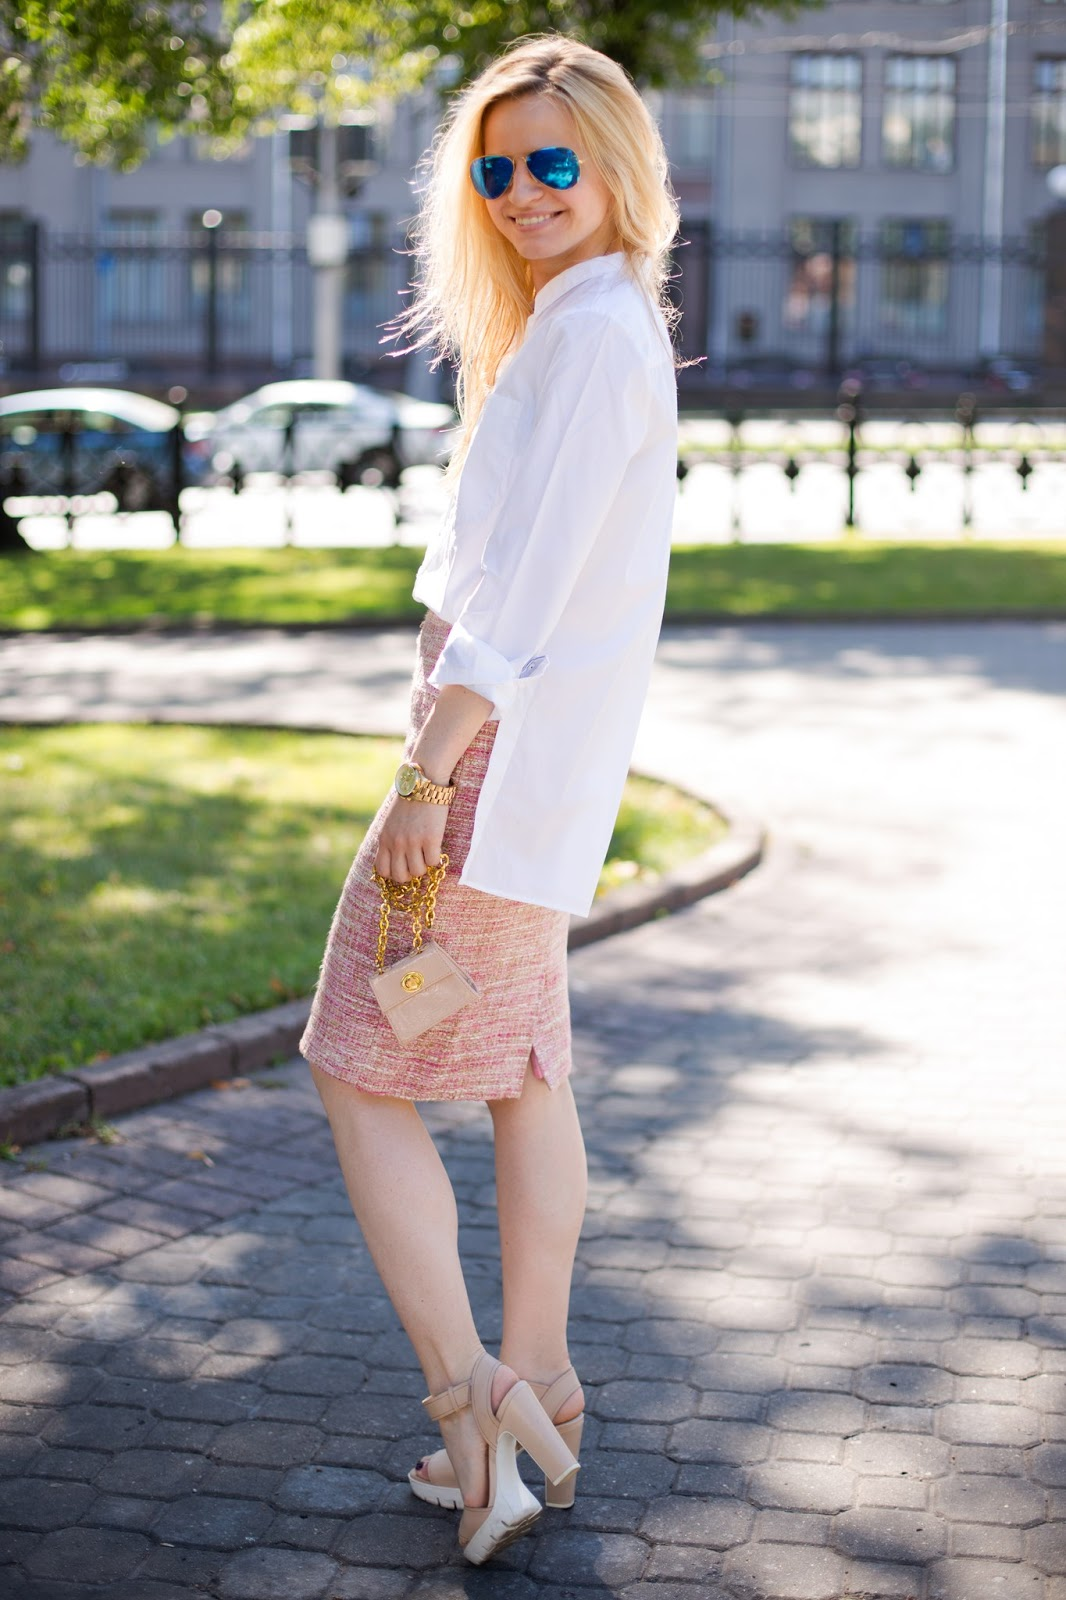 модный блог одежда москва, модны йблоггер россия москва, модная белая рубашка, фэшн блоггеры россии